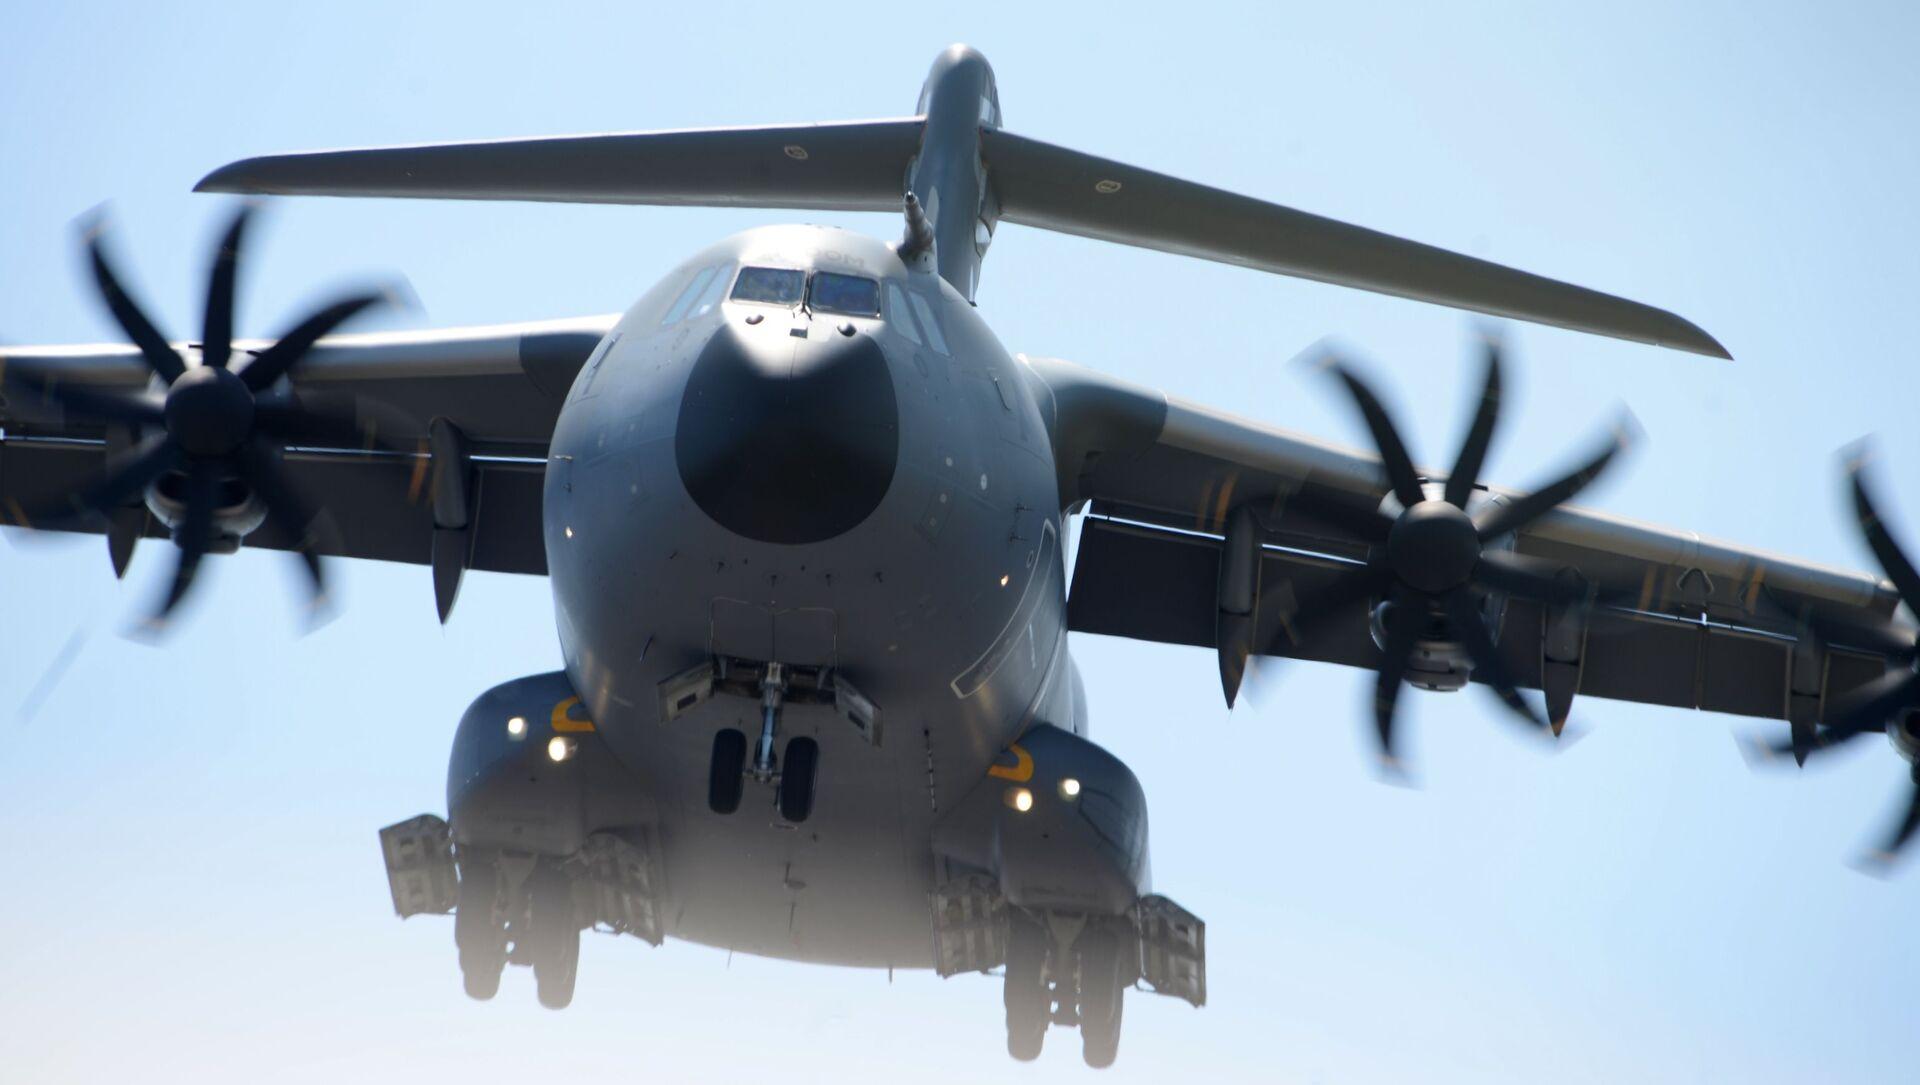 Военно-транспортный самолет Airbus A400M на Международном авиасалоне Ле Бурже-2017 во Франции - Sputnik France, 1920, 04.09.2021